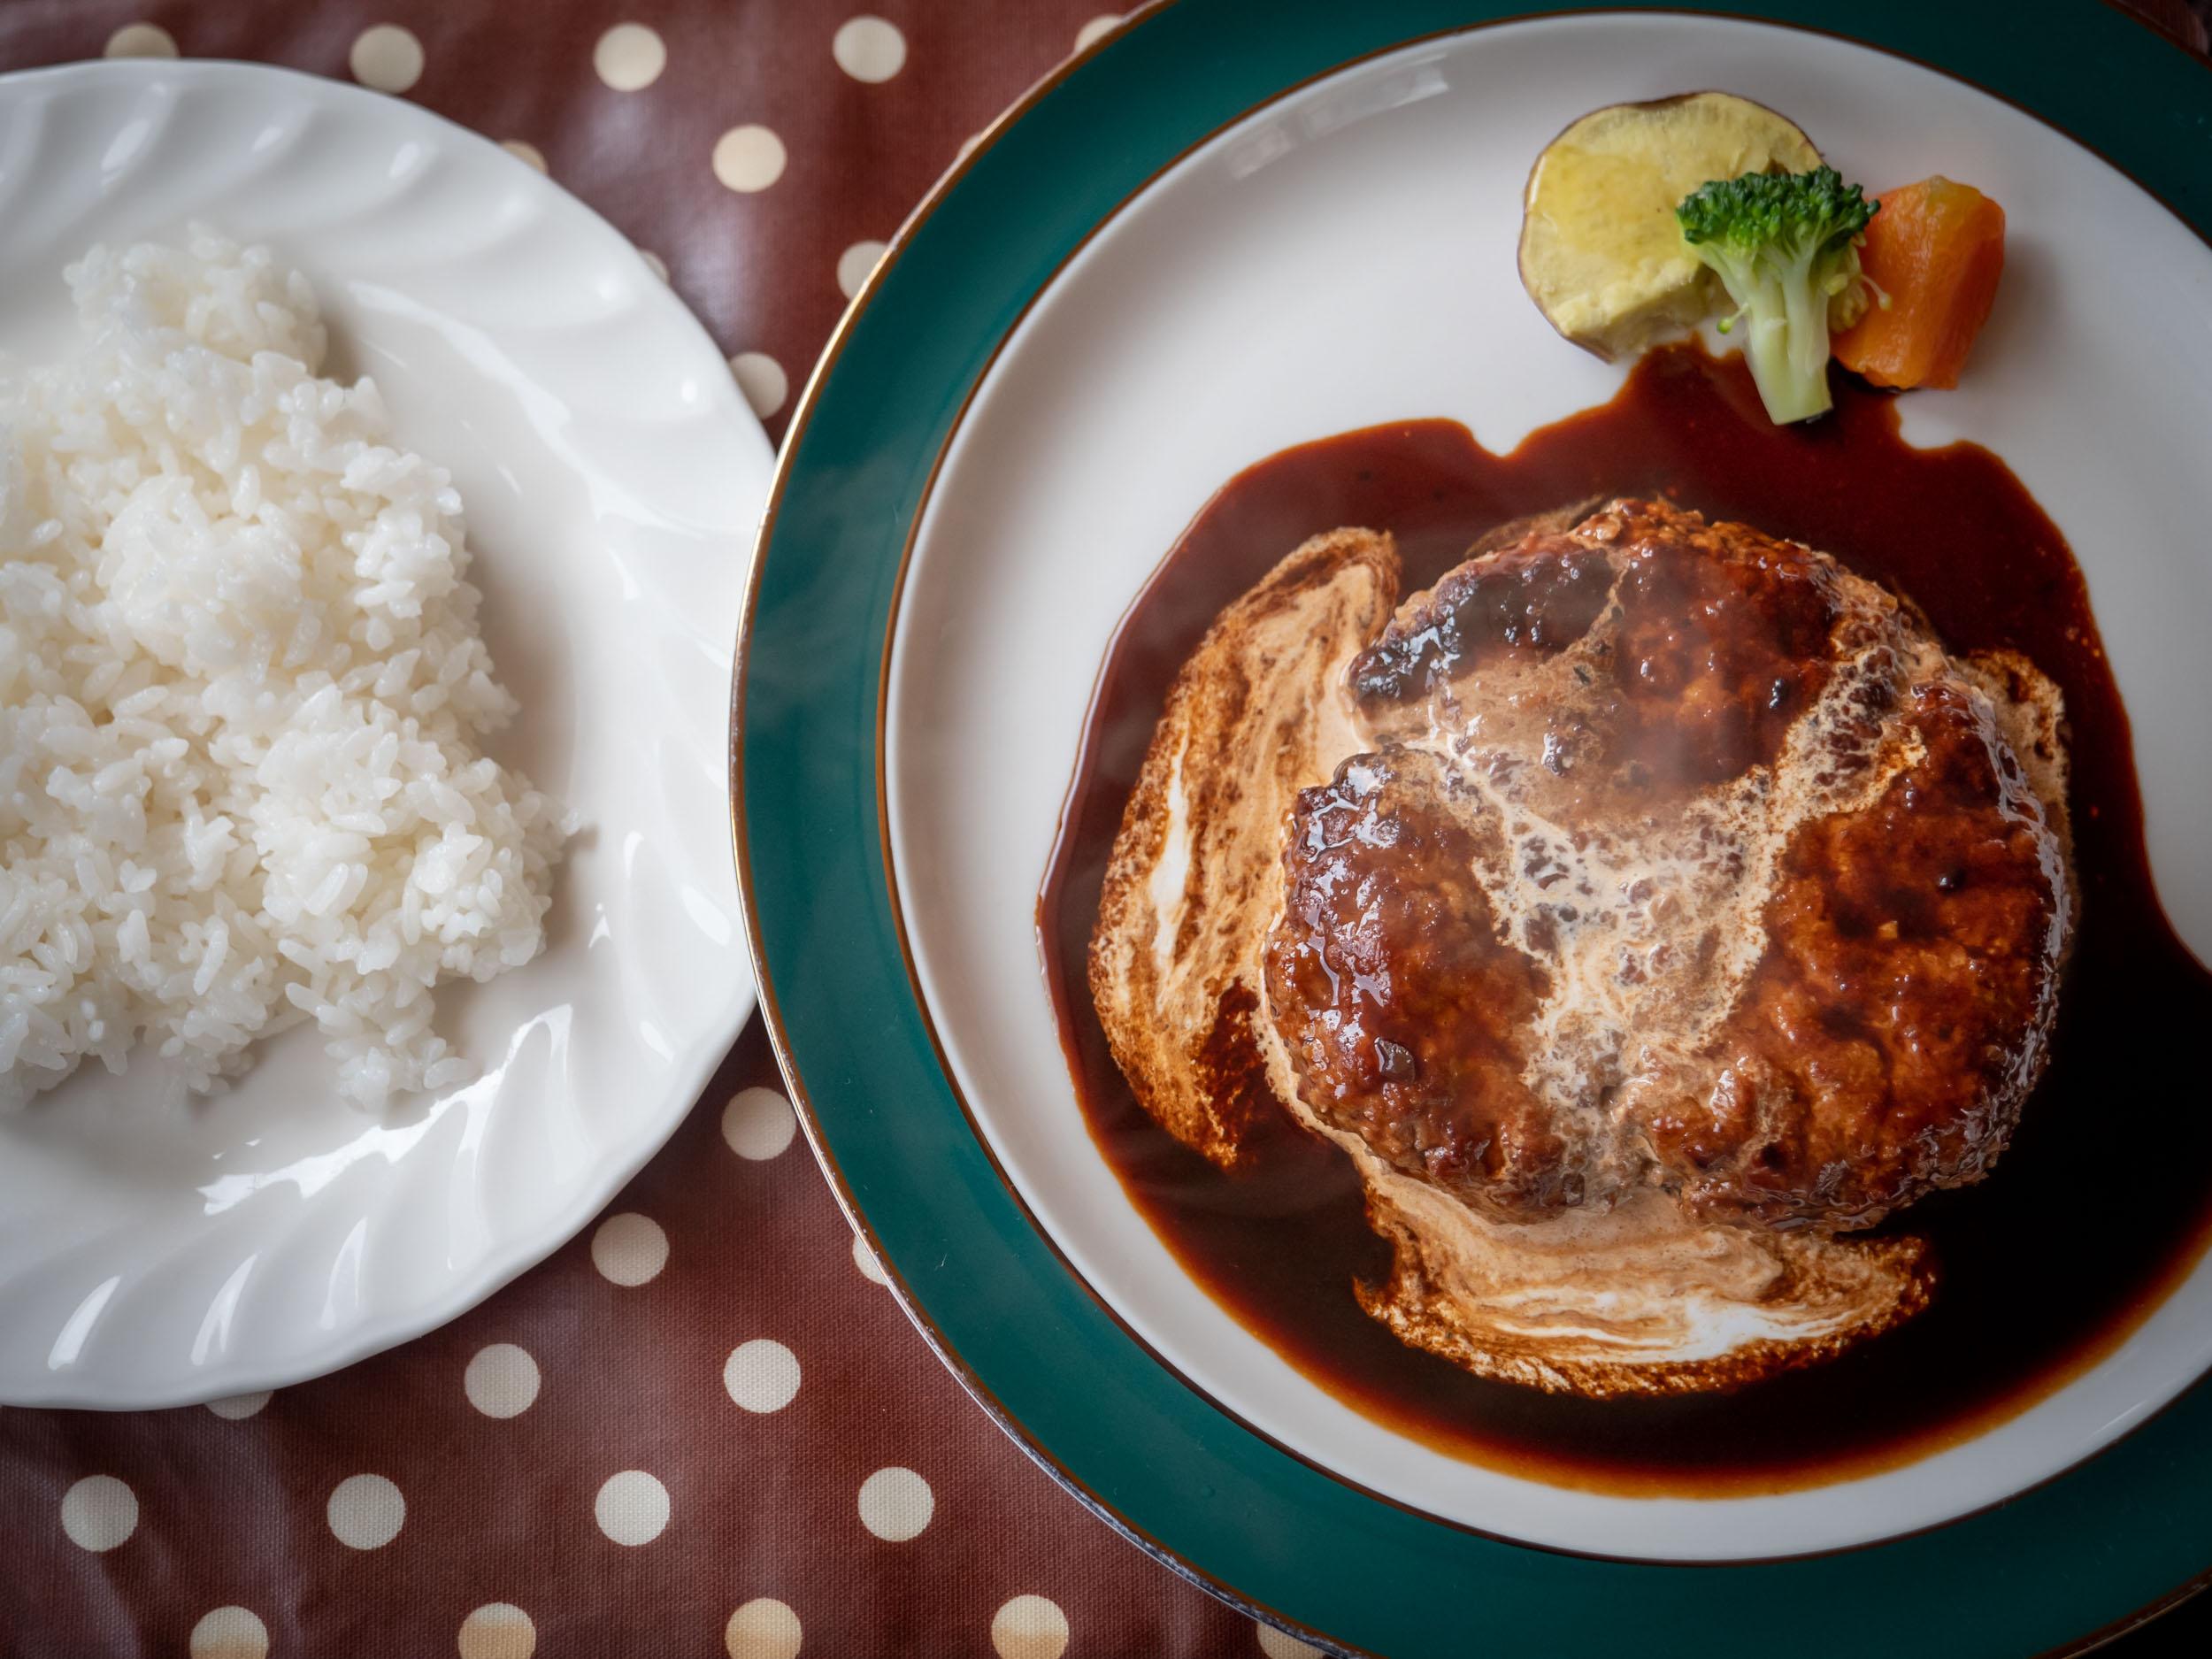 函館市湯の川の洋食店「エル・アペティ」のハンバーグ(ライス・サラダ付)DMC-GX8 + LEICA DG 12-60mm